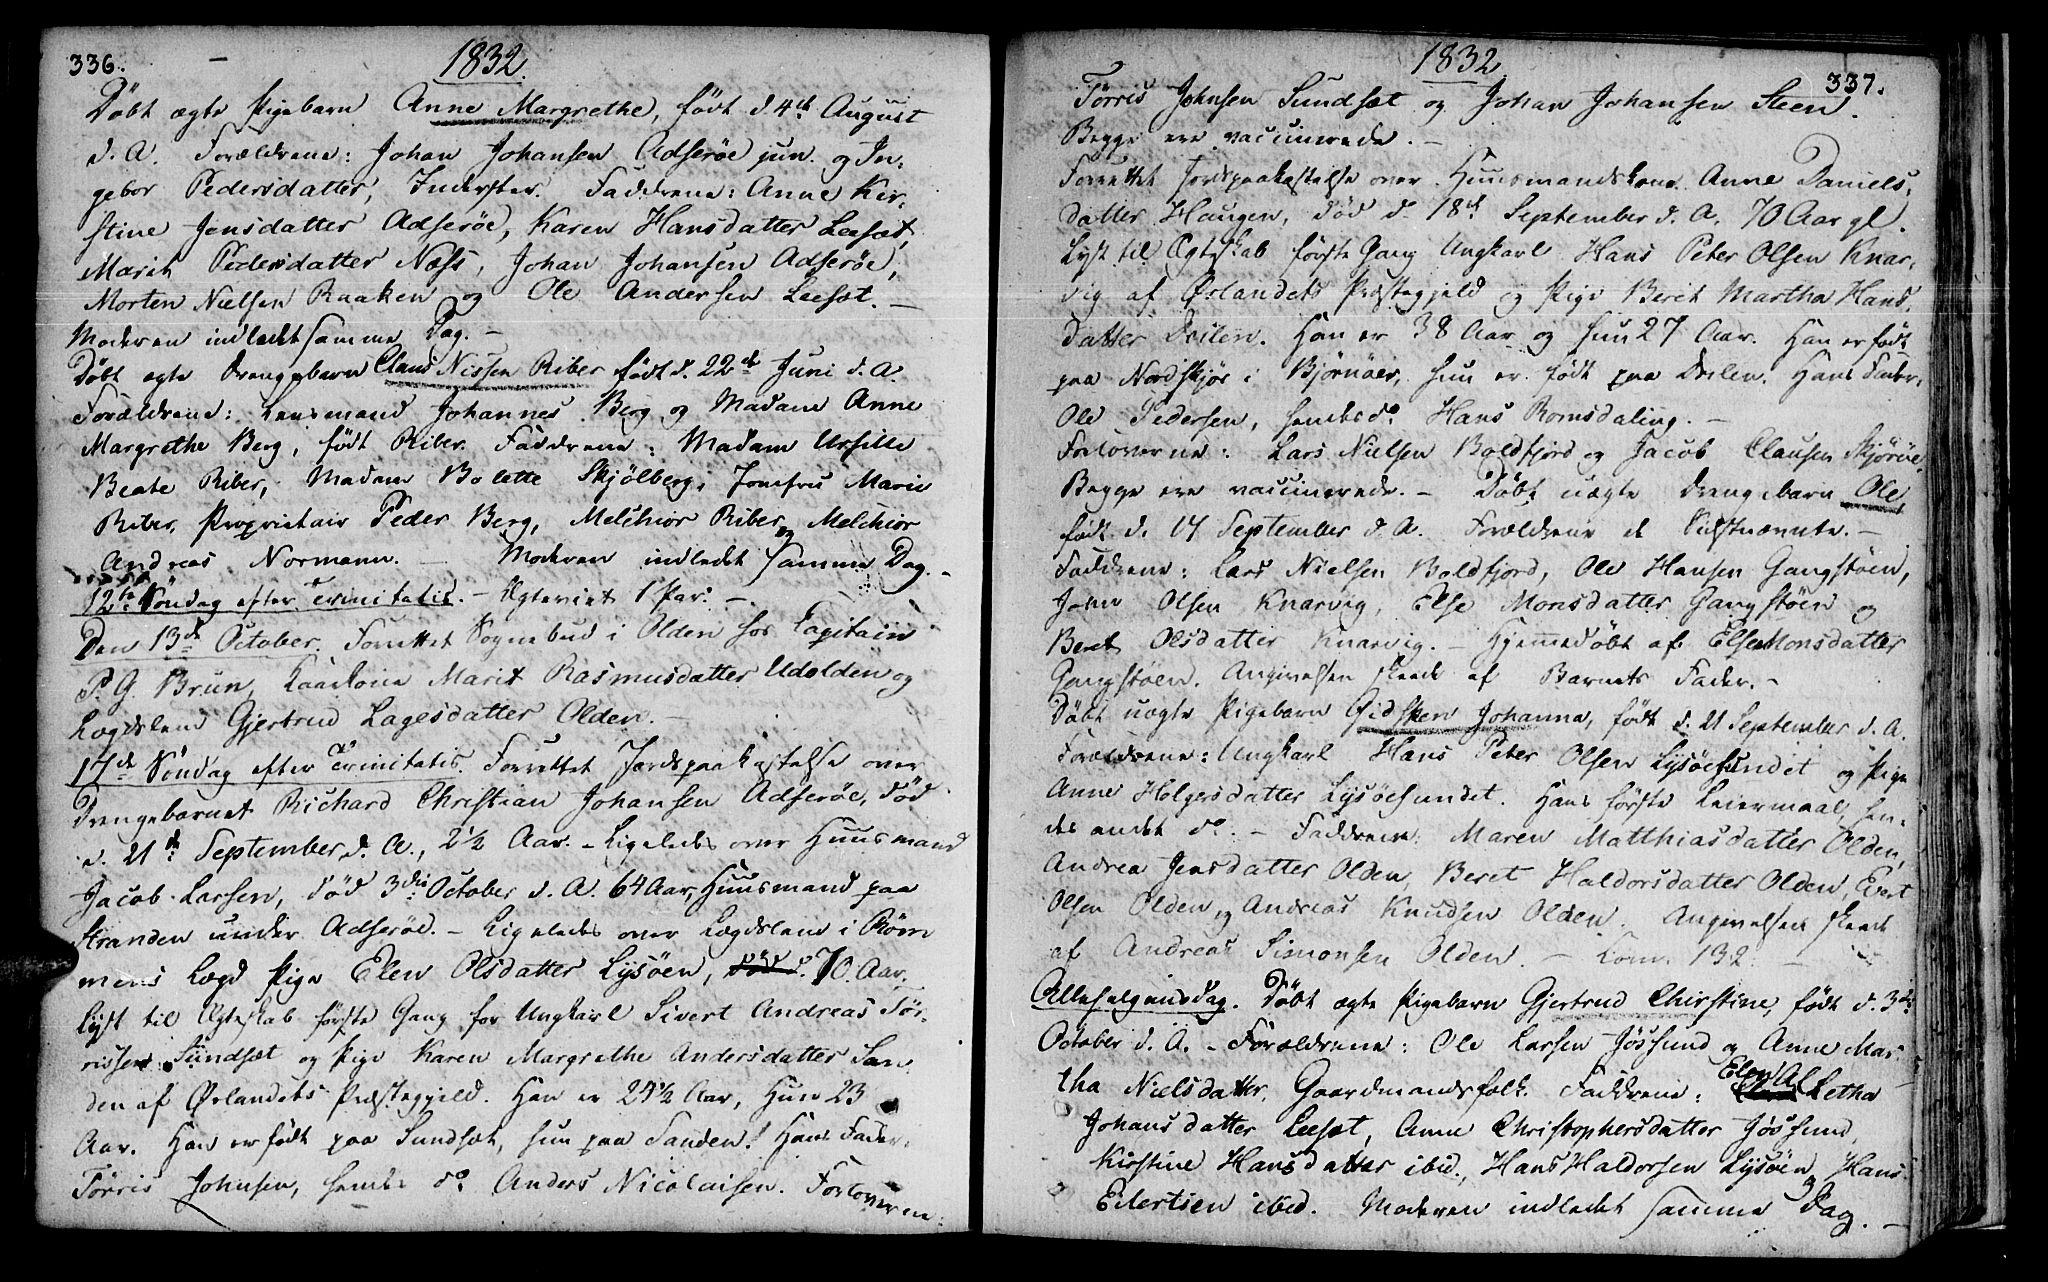 SAT, Ministerialprotokoller, klokkerbøker og fødselsregistre - Sør-Trøndelag, 655/L0674: Ministerialbok nr. 655A03, 1802-1826, s. 336-337